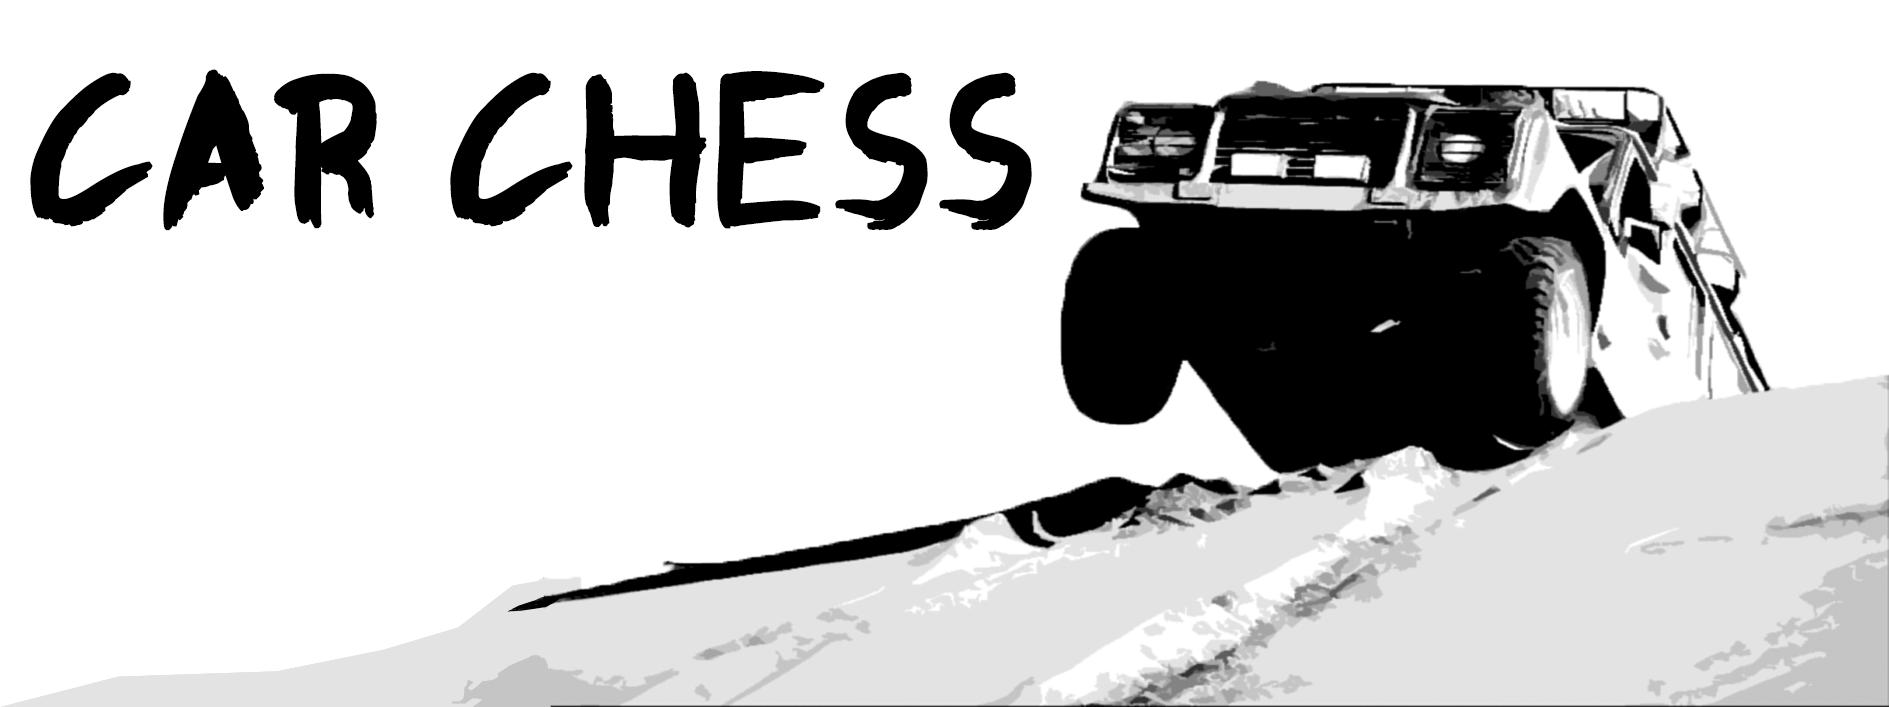 Car Chess